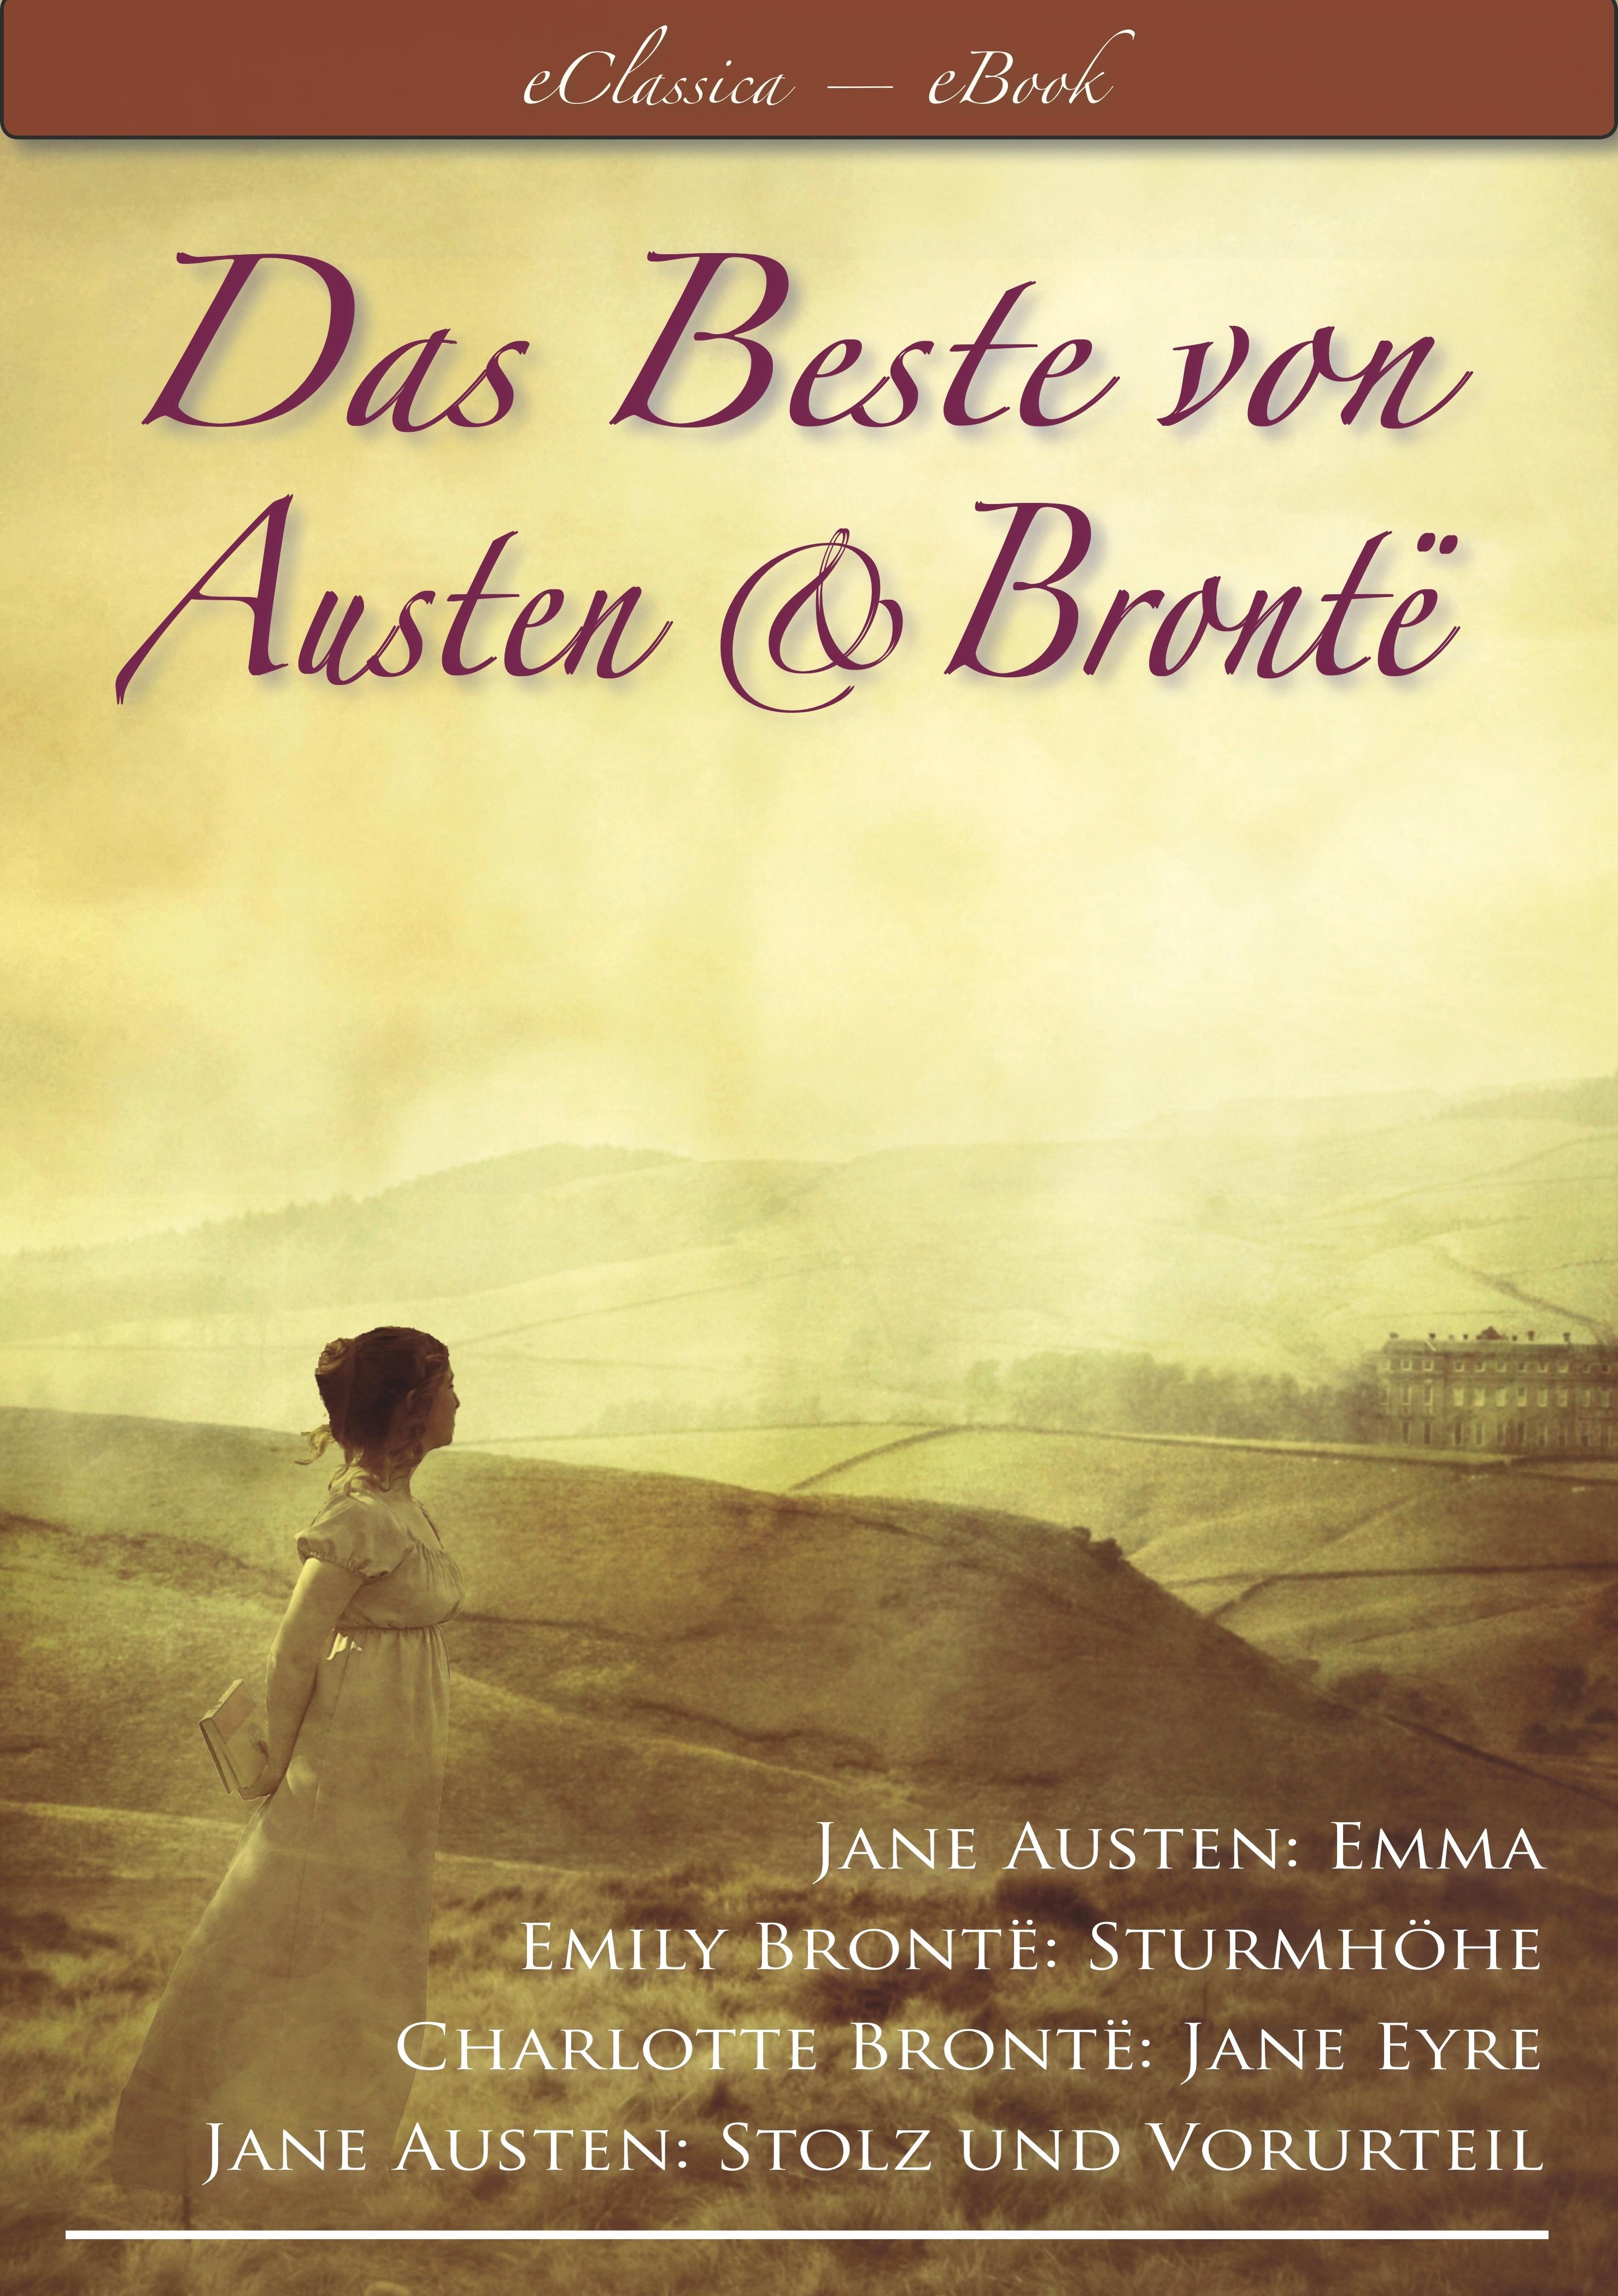 цена на Эмили Бронте Das Beste von Austen und Brontë (Stolz und Vorurteil, Emma, Sturmhöhe, Jane Eyre)